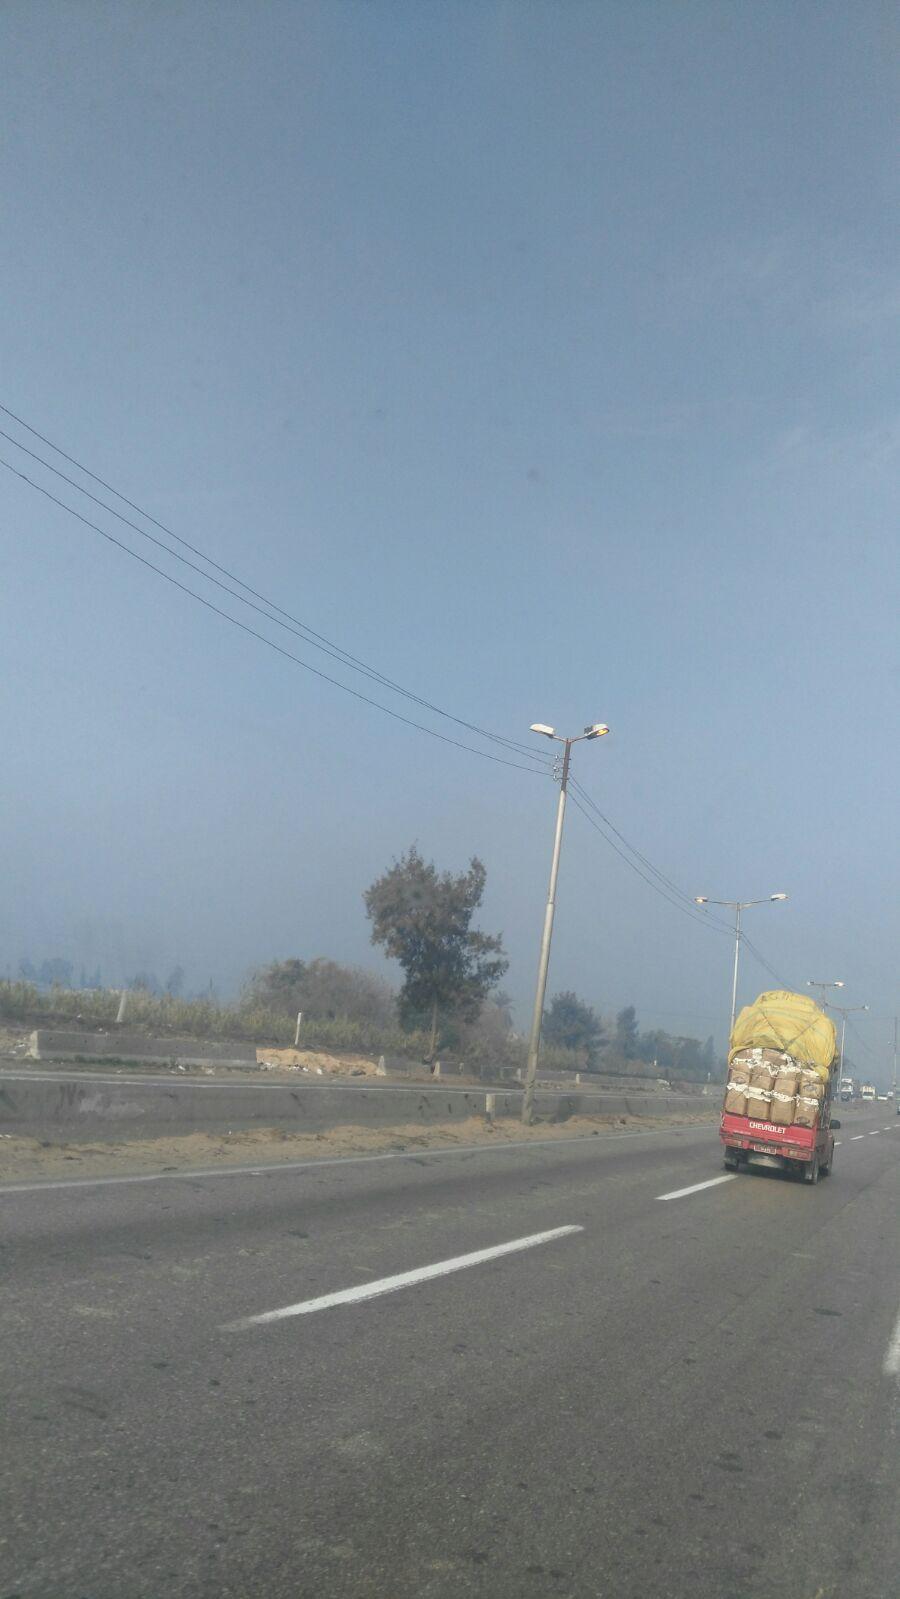 إضاءة أعمدة الإنارة على القاهرة ـ الإسكندرية الزراعي في وقت النهار